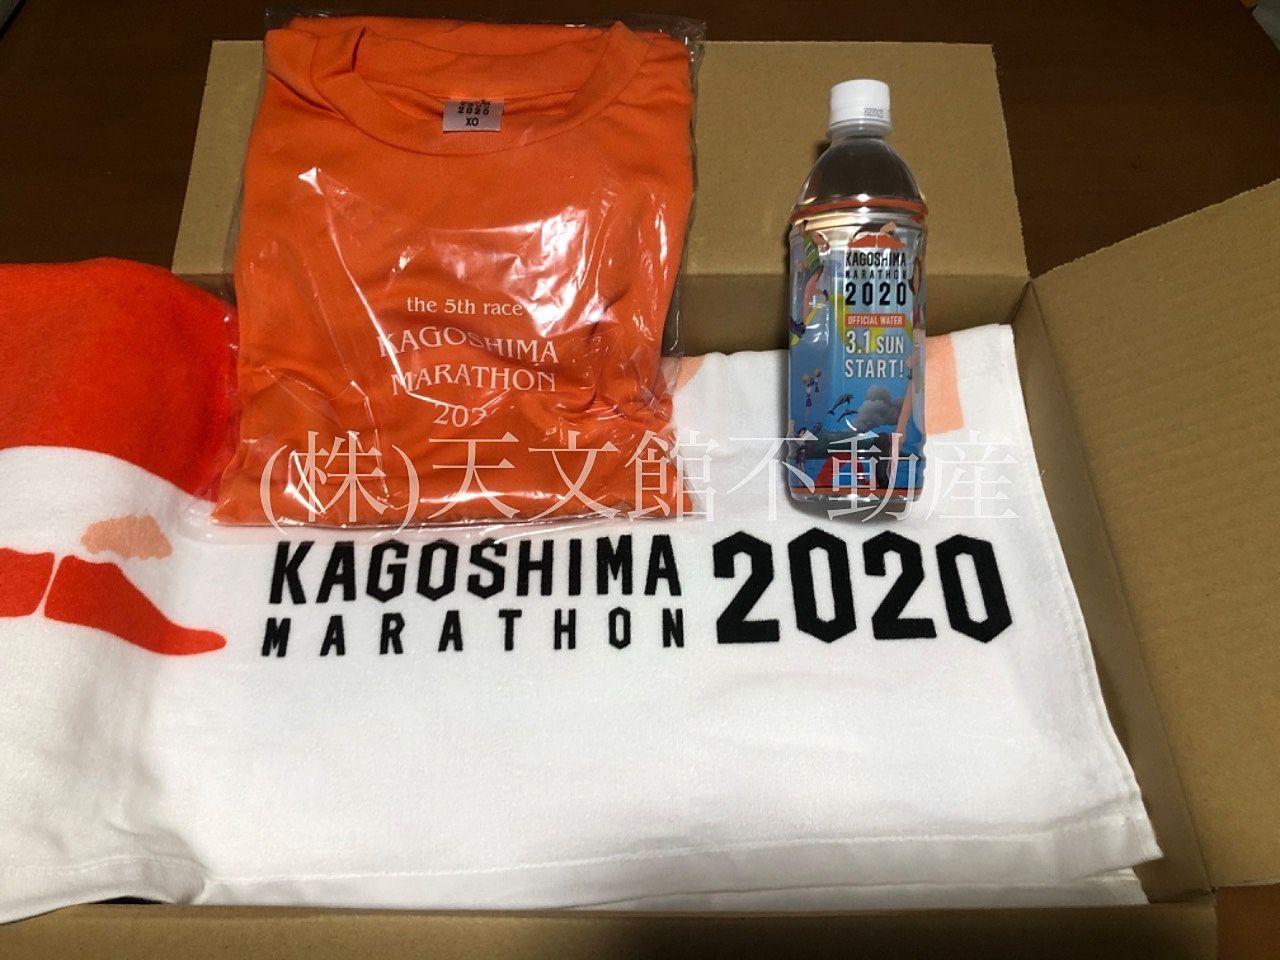 鹿児島マラソンの参加景品のバスタオルやTシャツは嬉しいですね。